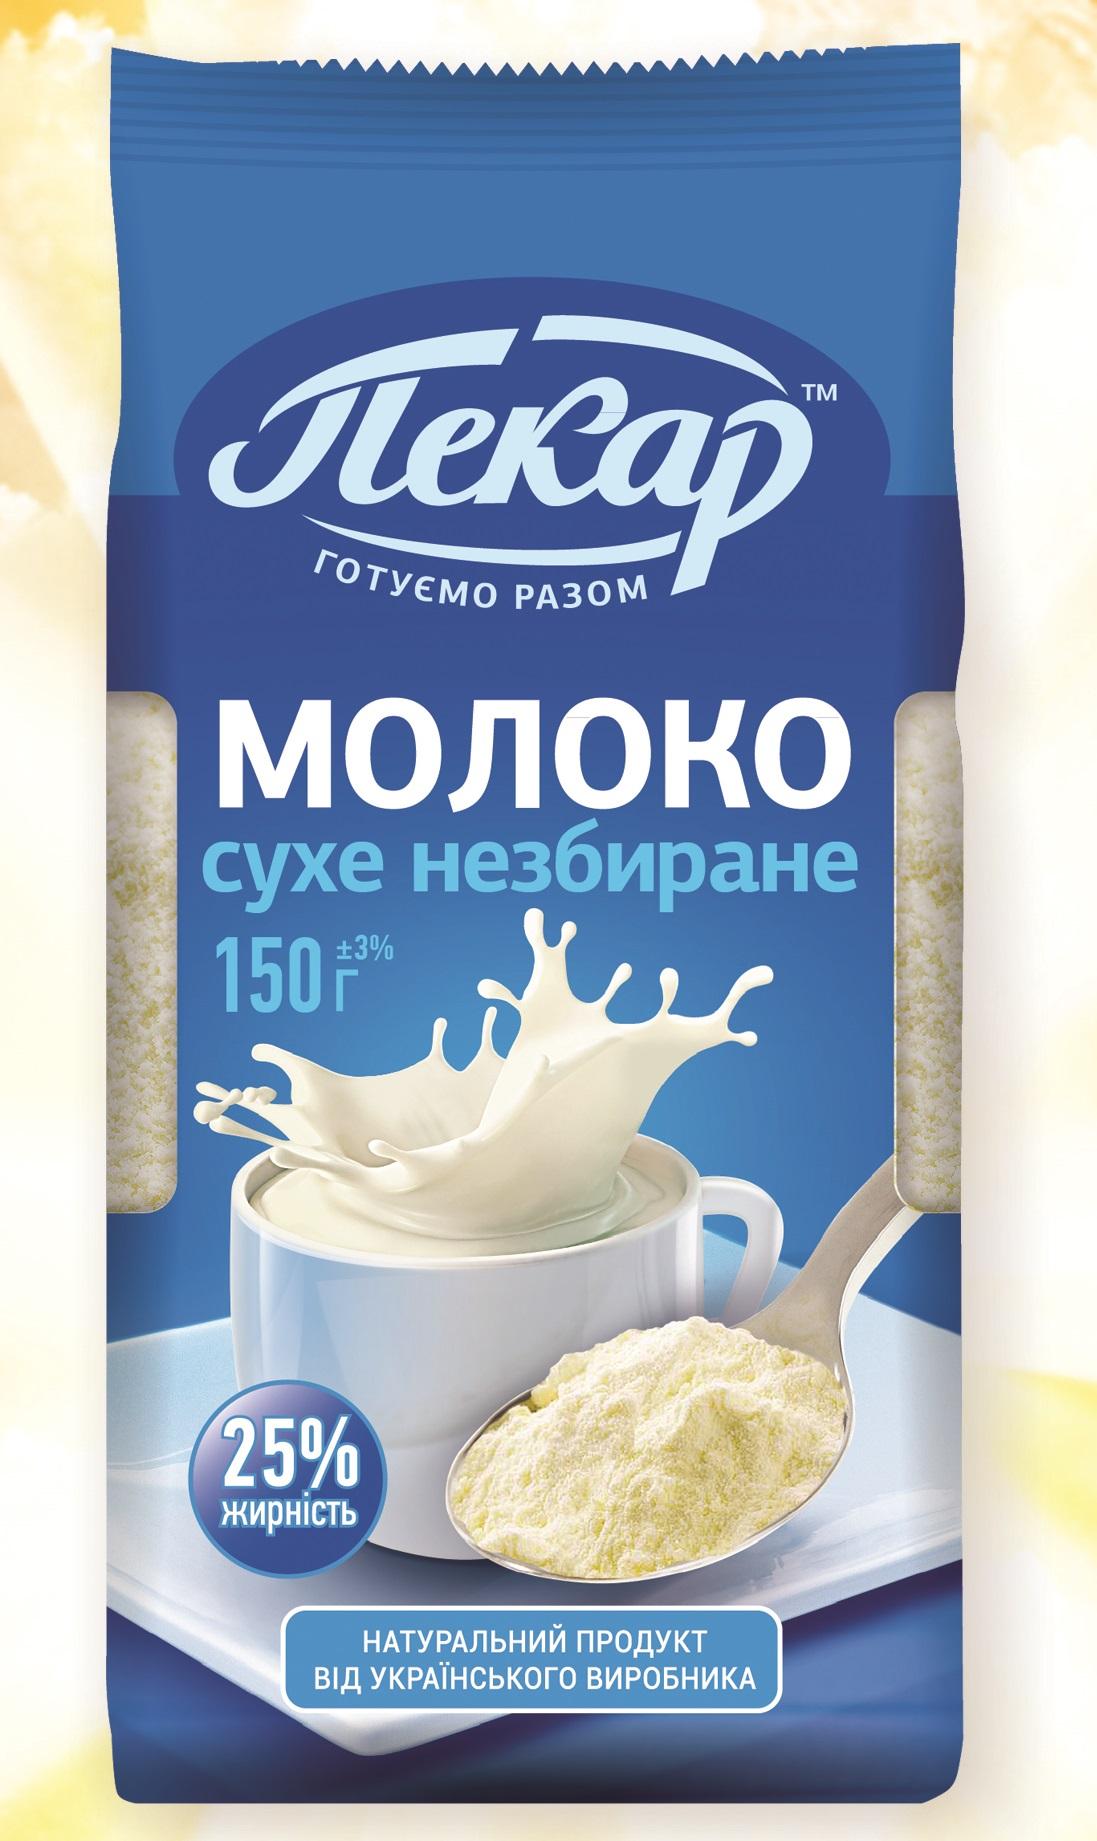 Как сделать творог из сухого обезжиренного молока